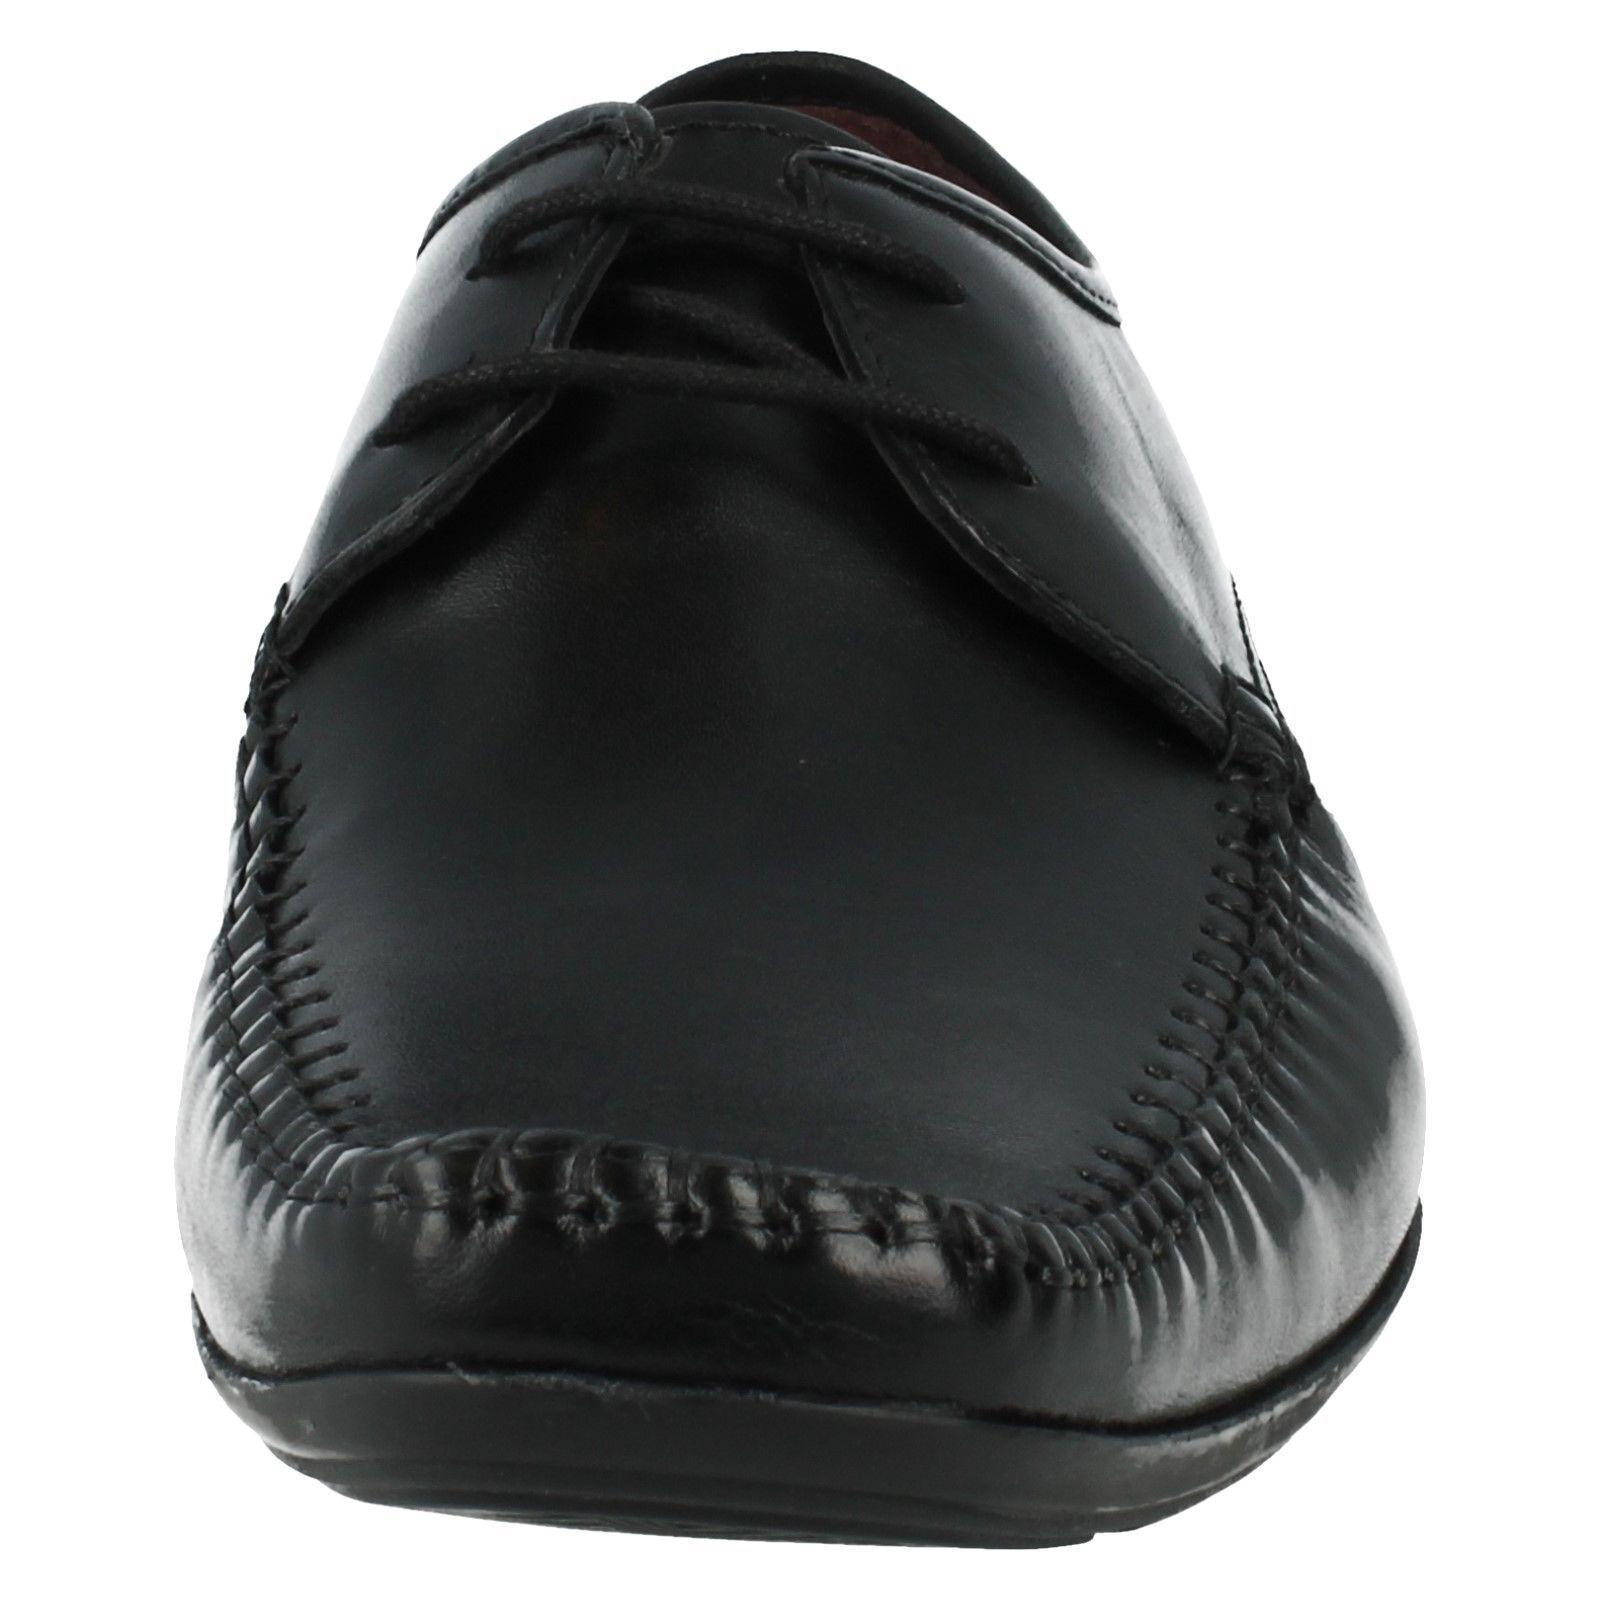 Da Uomo Clarks Nero Pelle Stringati Scarpe Scarpe Scarpe G dimensioni raccordo 10 FERRO Passeggiata 8e3915